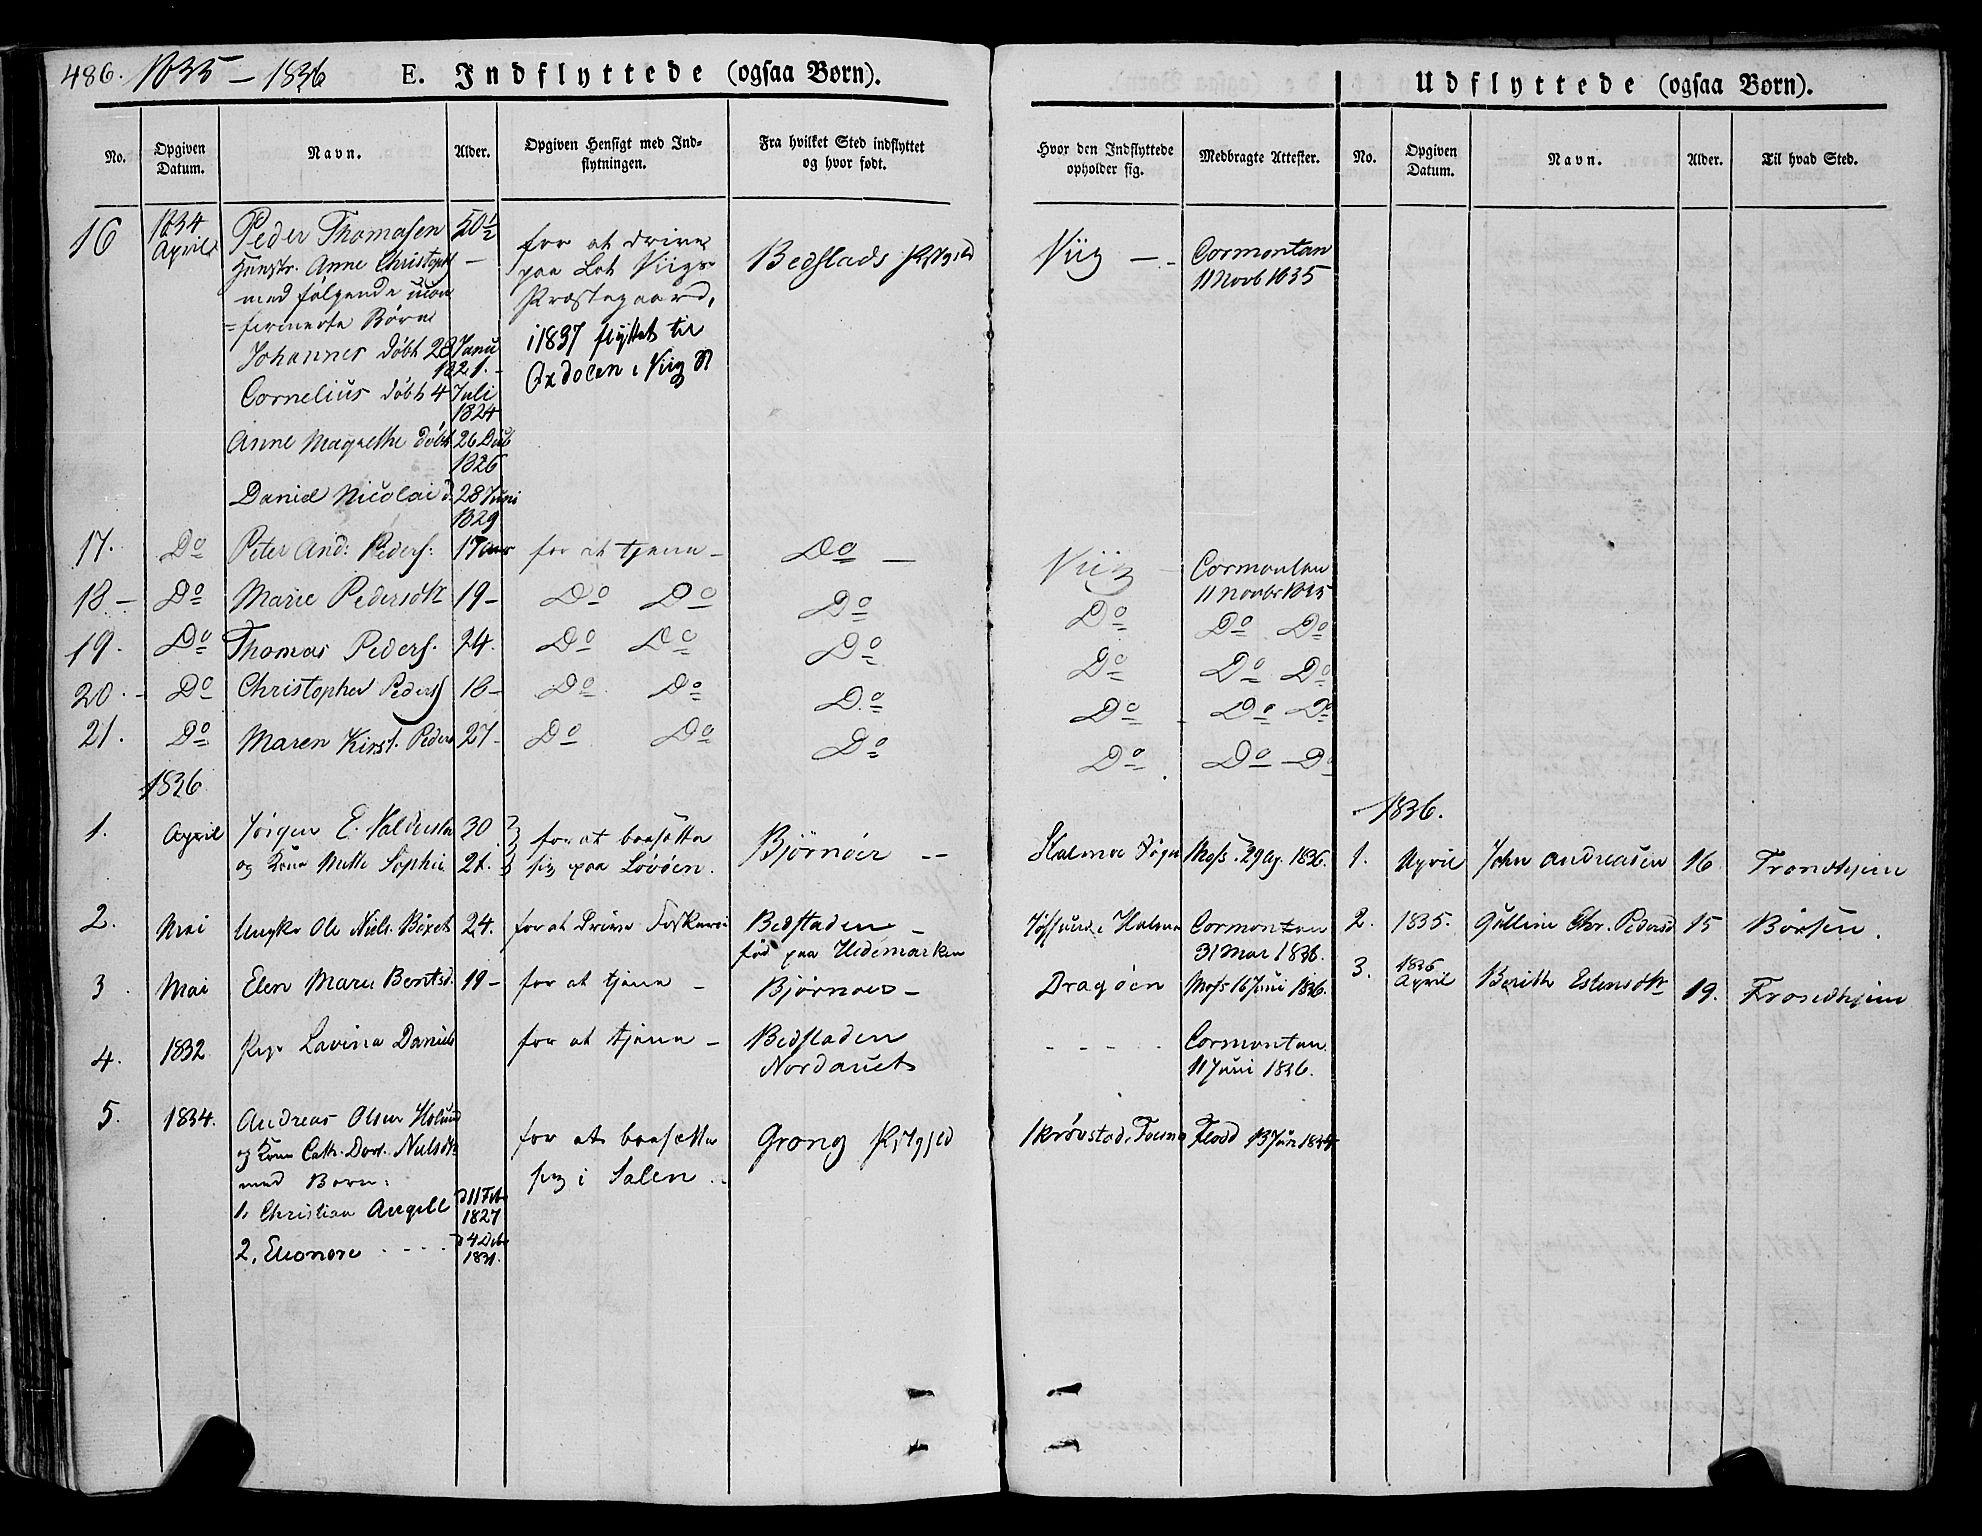 SAT, Ministerialprotokoller, klokkerbøker og fødselsregistre - Nord-Trøndelag, 773/L0614: Ministerialbok nr. 773A05, 1831-1856, s. 486